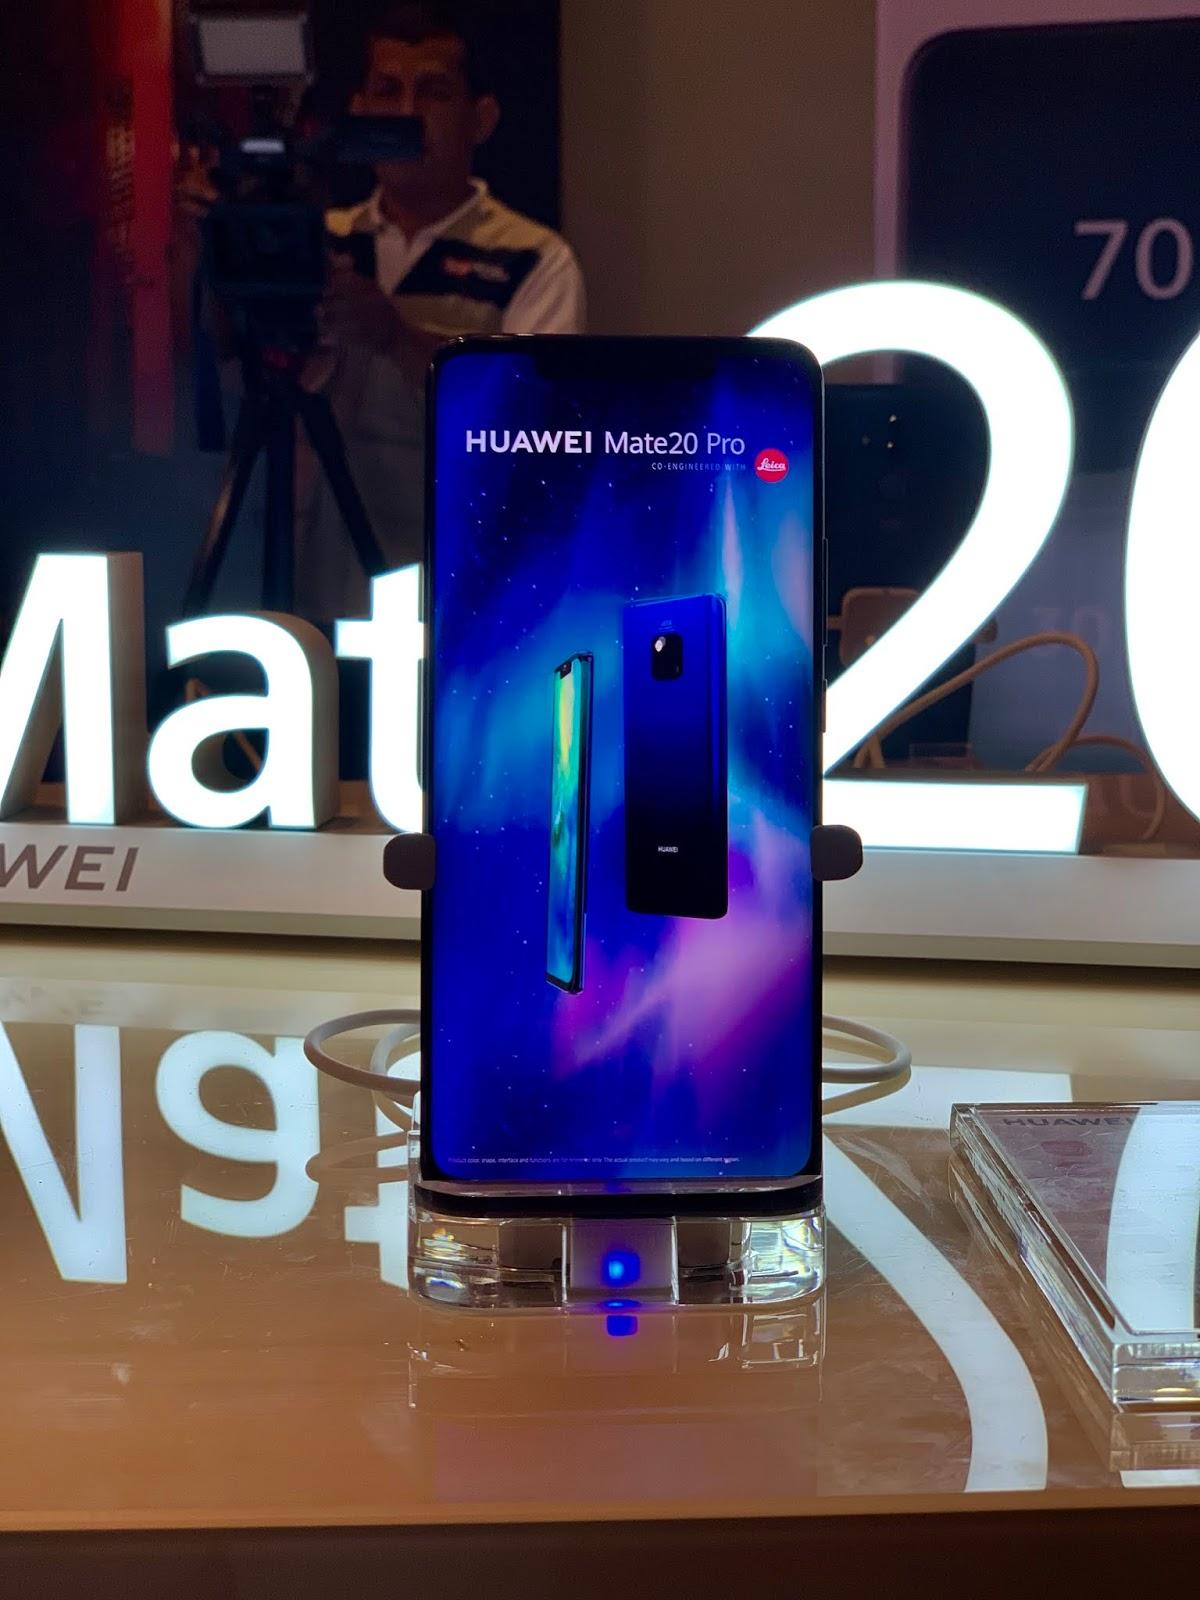 72dd11c2d94 La nueva serie HUAWEI Mate 20 está equipada con EMUI 9, la capa de  personalización exclusiva de Huawei sobre el sistema operativo Android Pie  9.